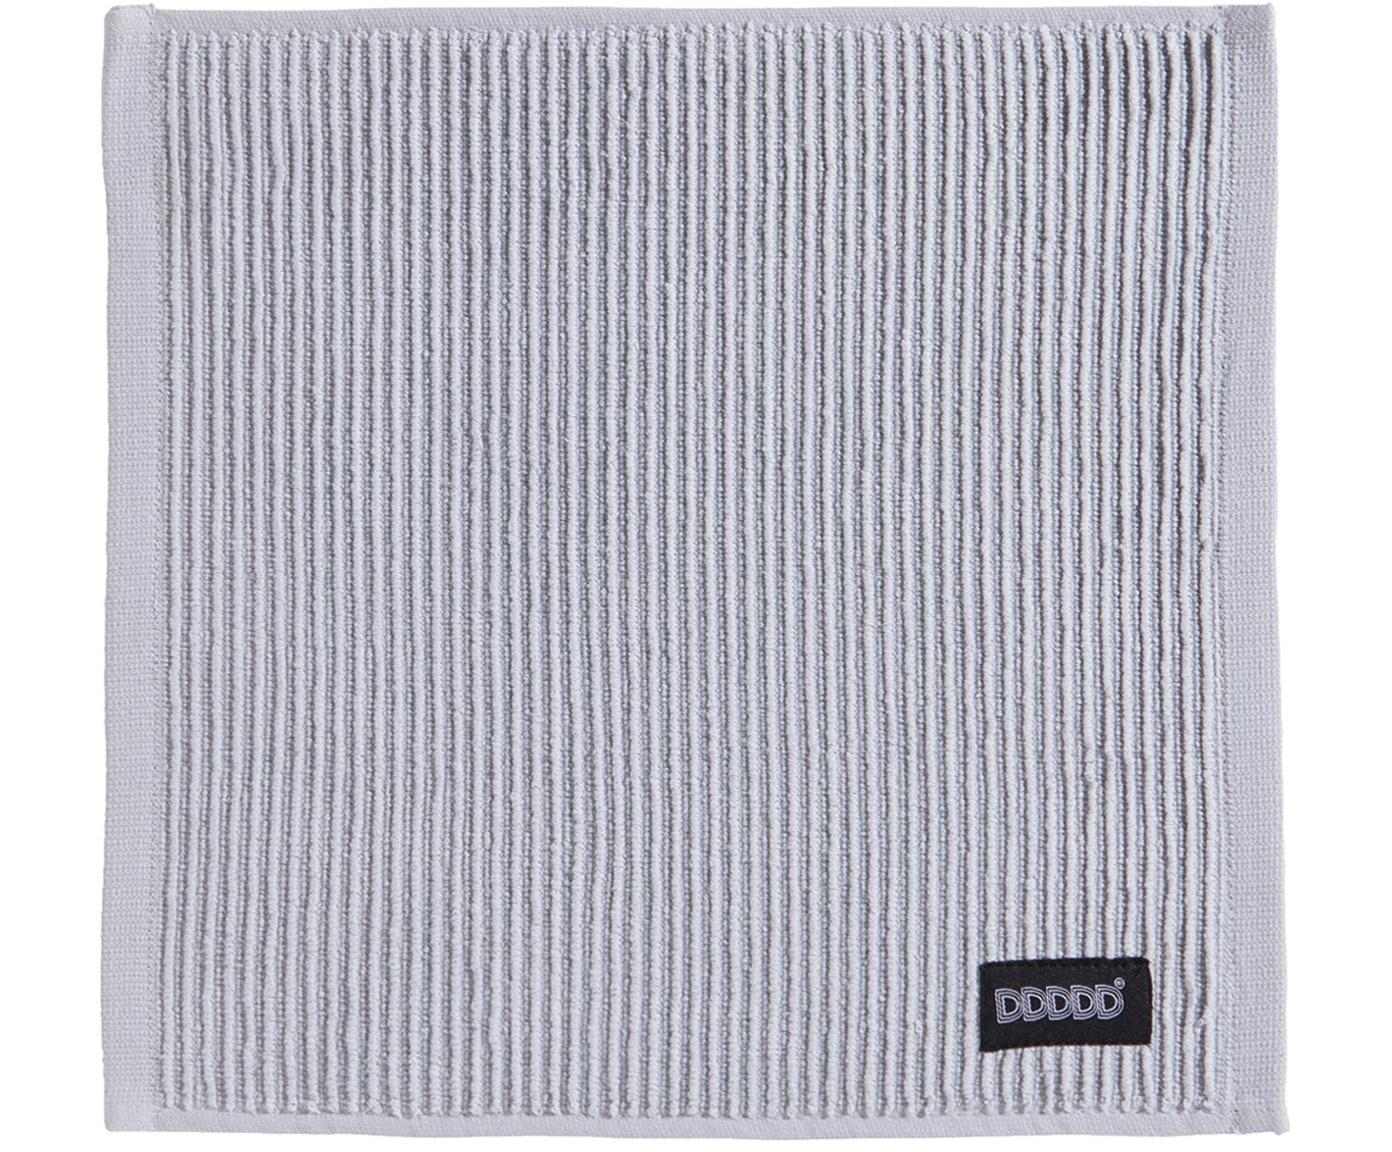 Sponsdoeken Basic Clean, 4 stuks, Katoen, Grijs, 30 x 30 cm